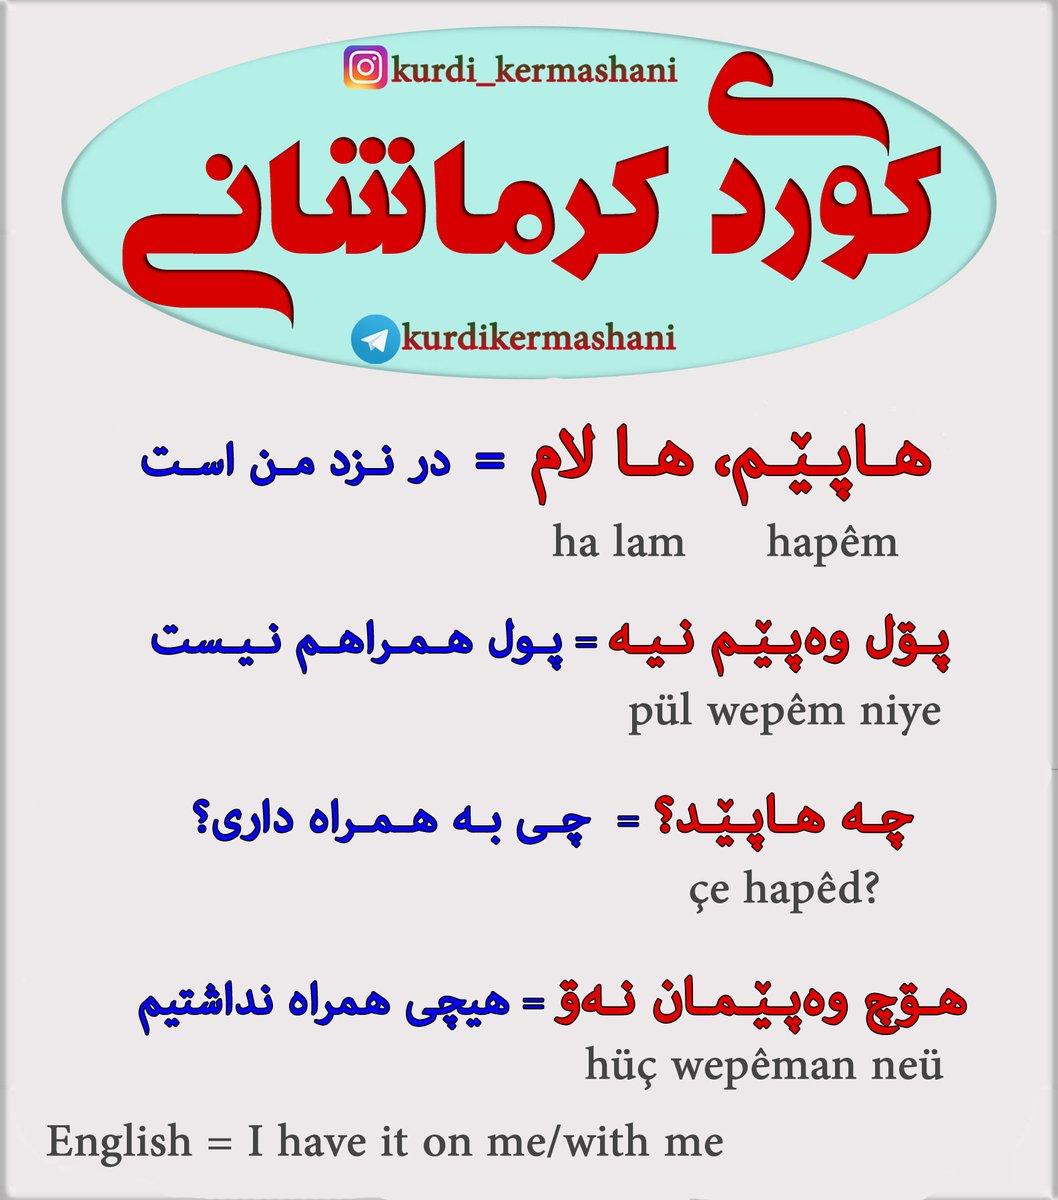 #hapêm #هاپێم #halam #هالام  #Kurdiya_jêrîn #Kurdîyi_başûrî  #southern_kurdish_language  #Kirmaşan #îlam #xaneqîn